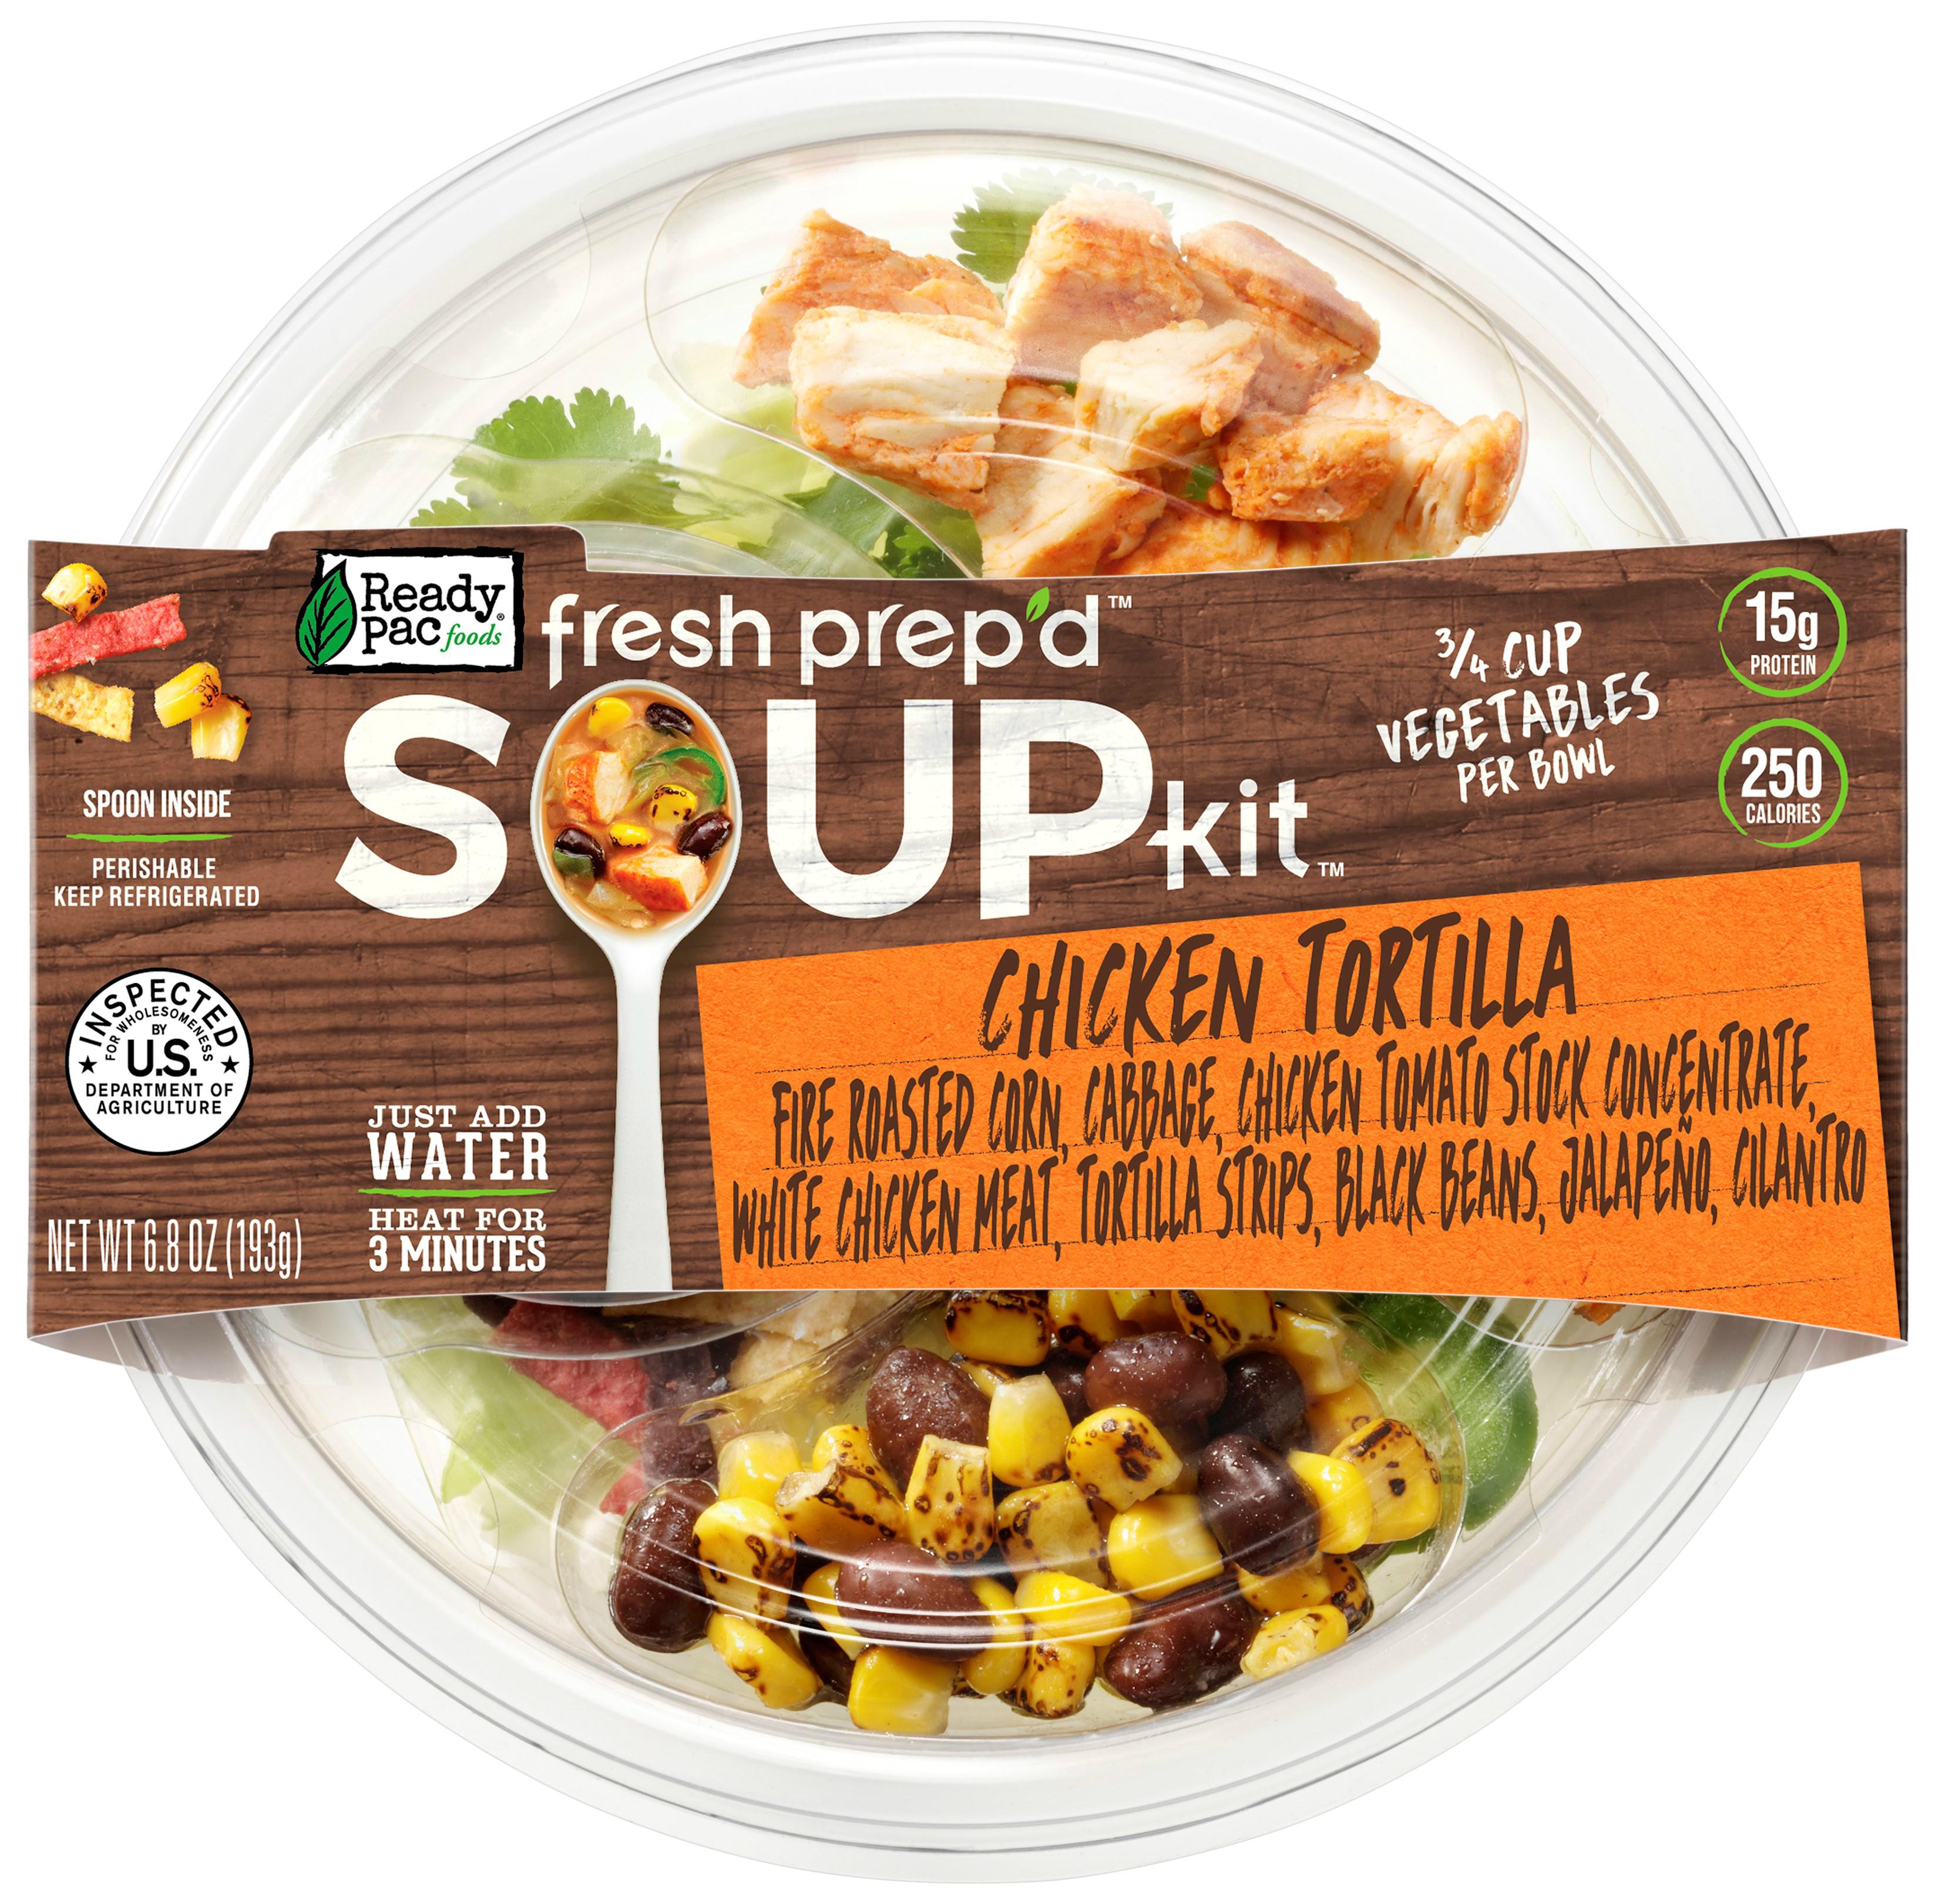 Ready Pac Foods: Fresh Prep'd Soup Kit